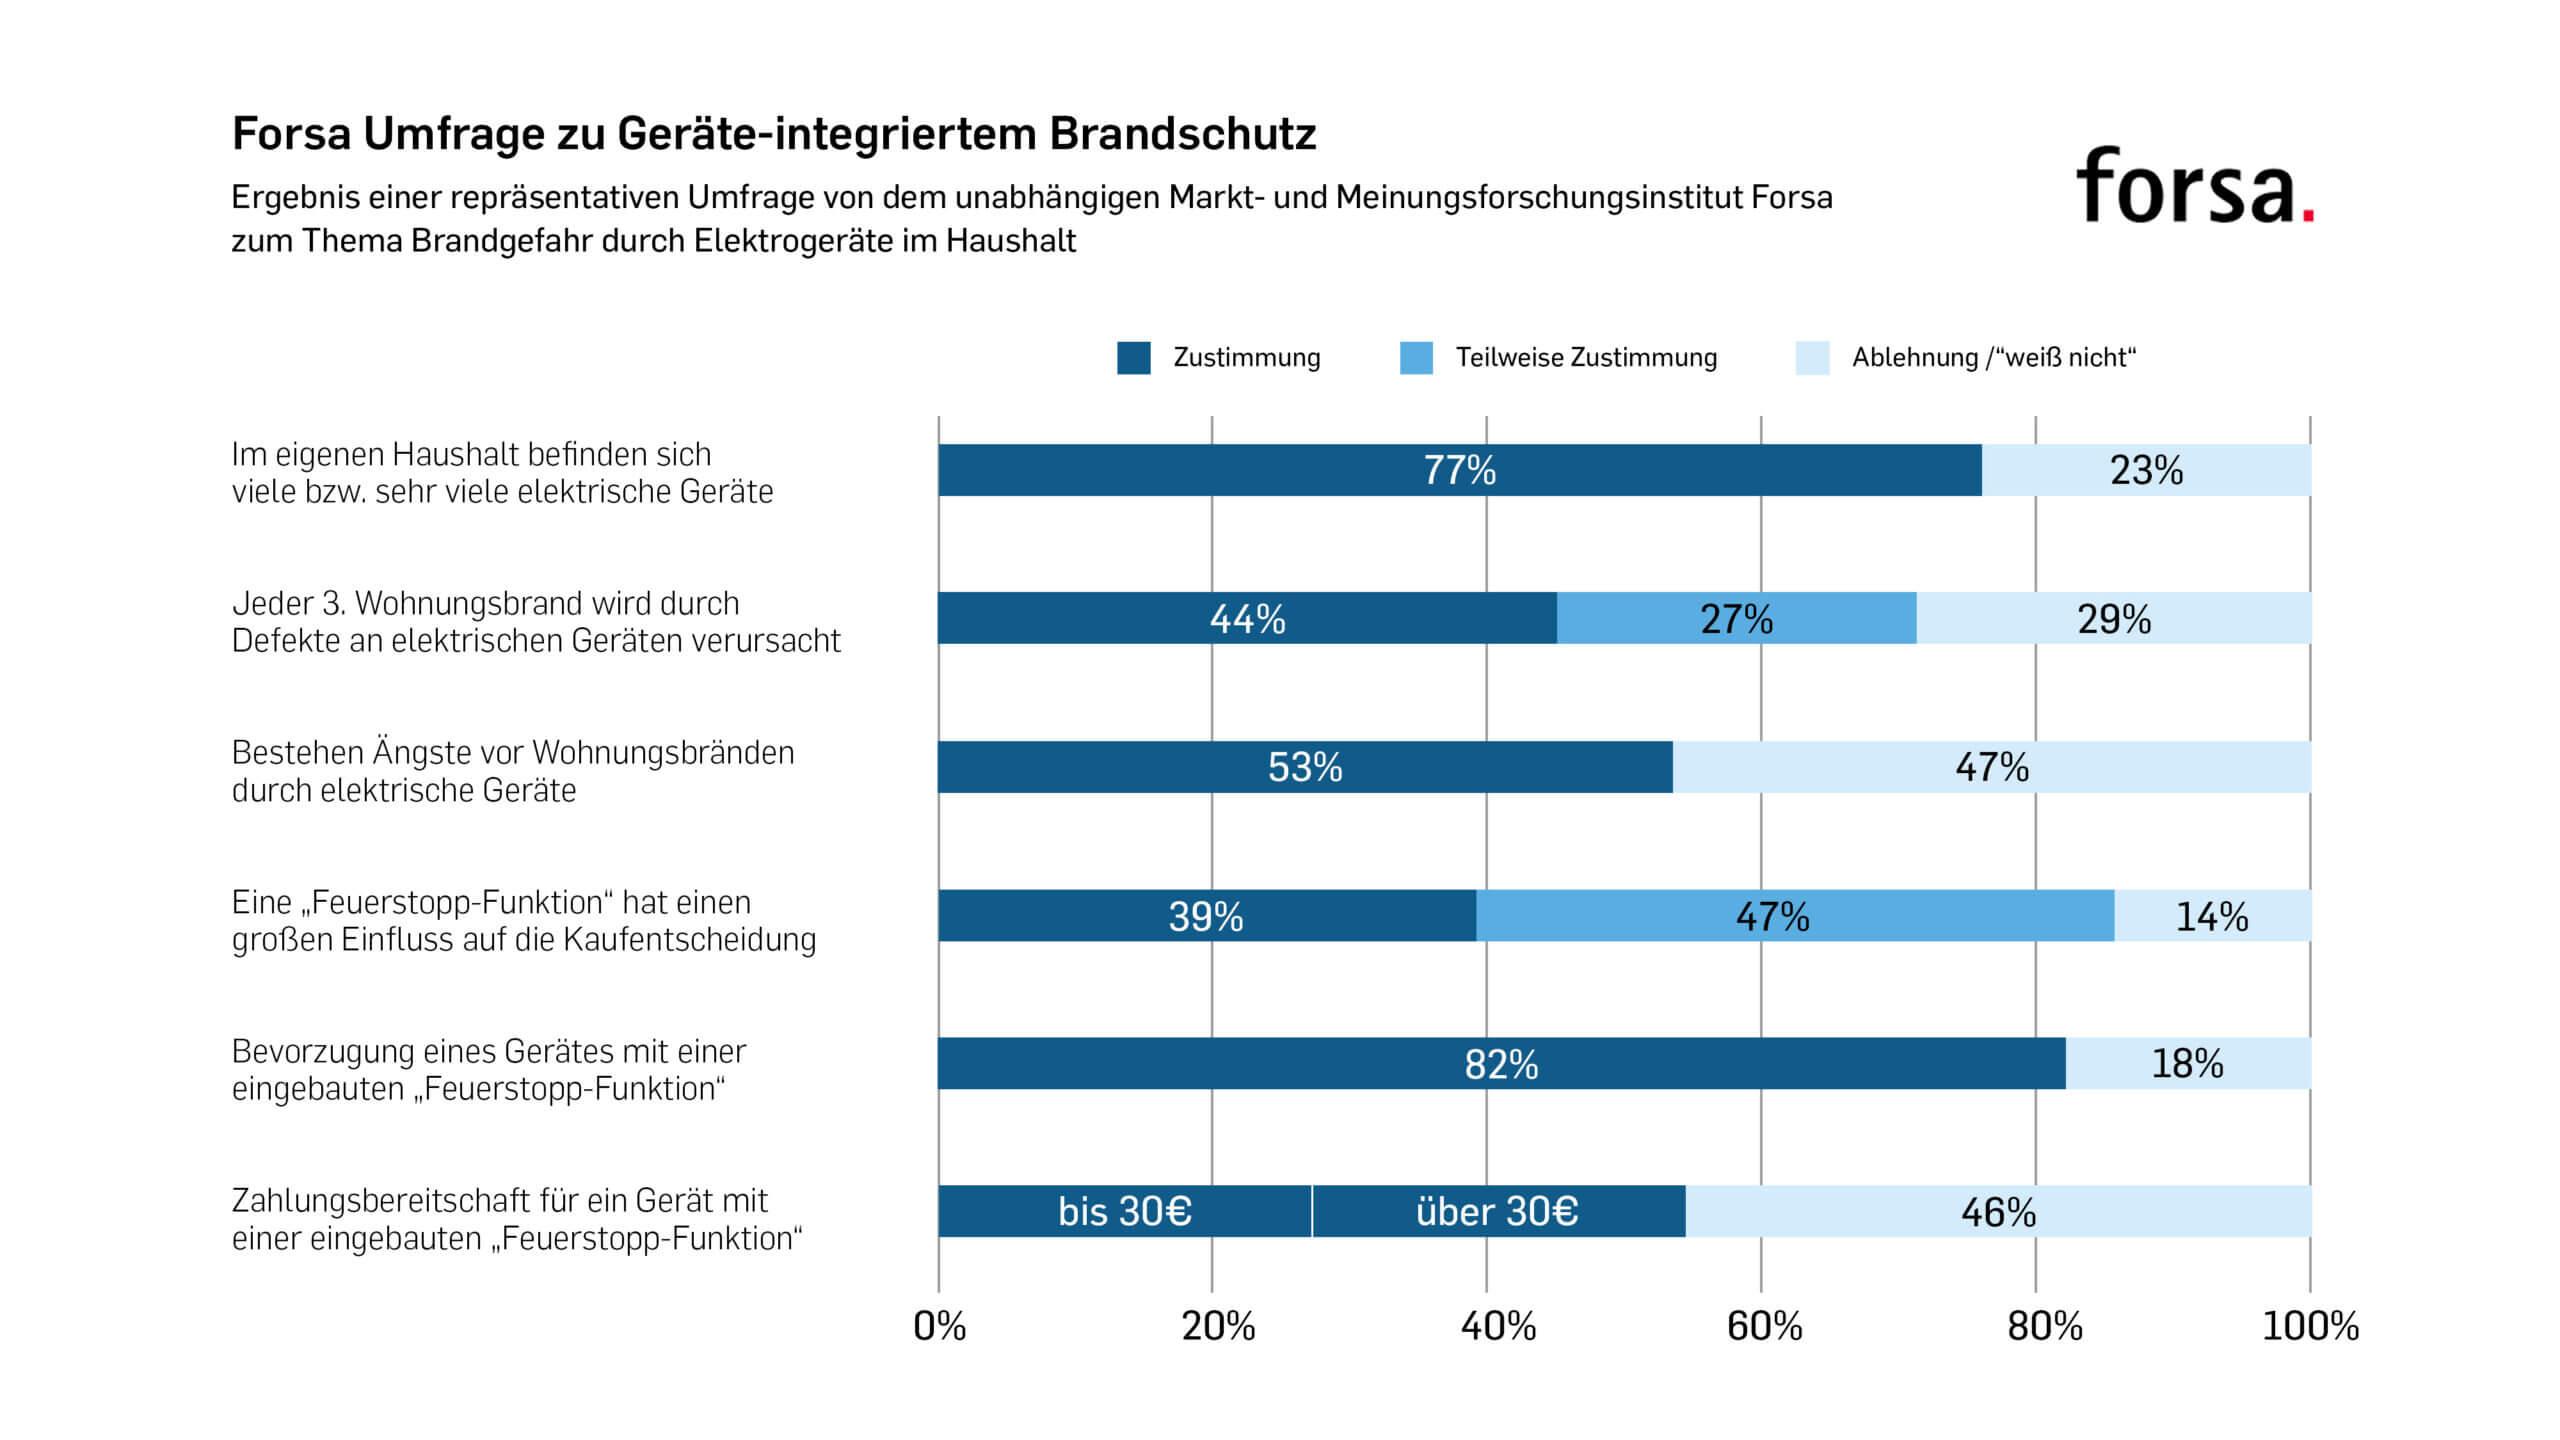 Forsa Umfrageergebnisse Geräte-integrierter Brandschutz